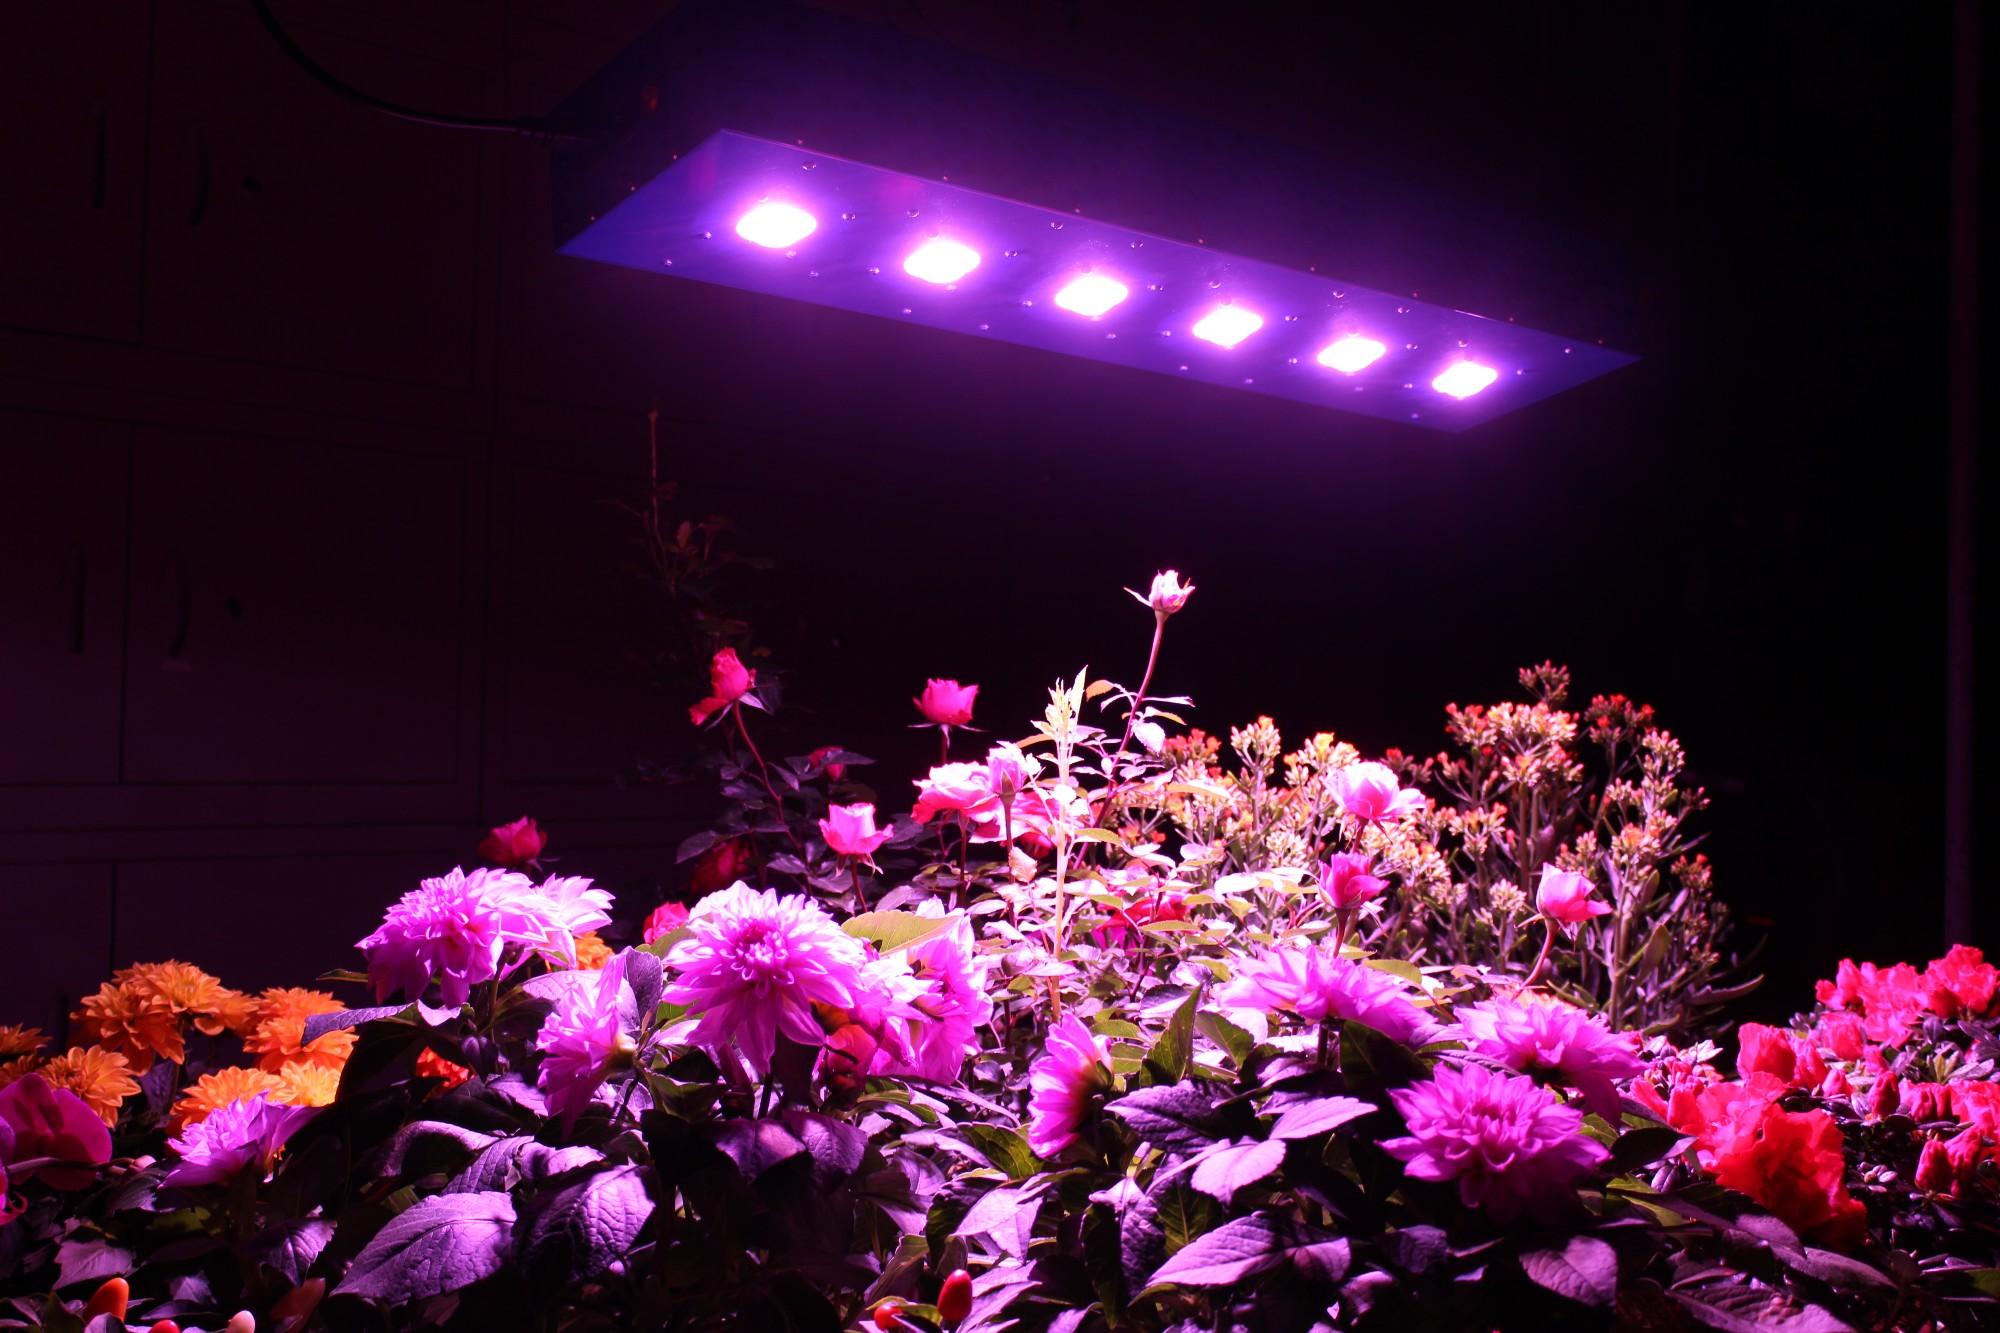 Продажи становятся светлее, Покупают свет, полный спектр - светят Поставщики